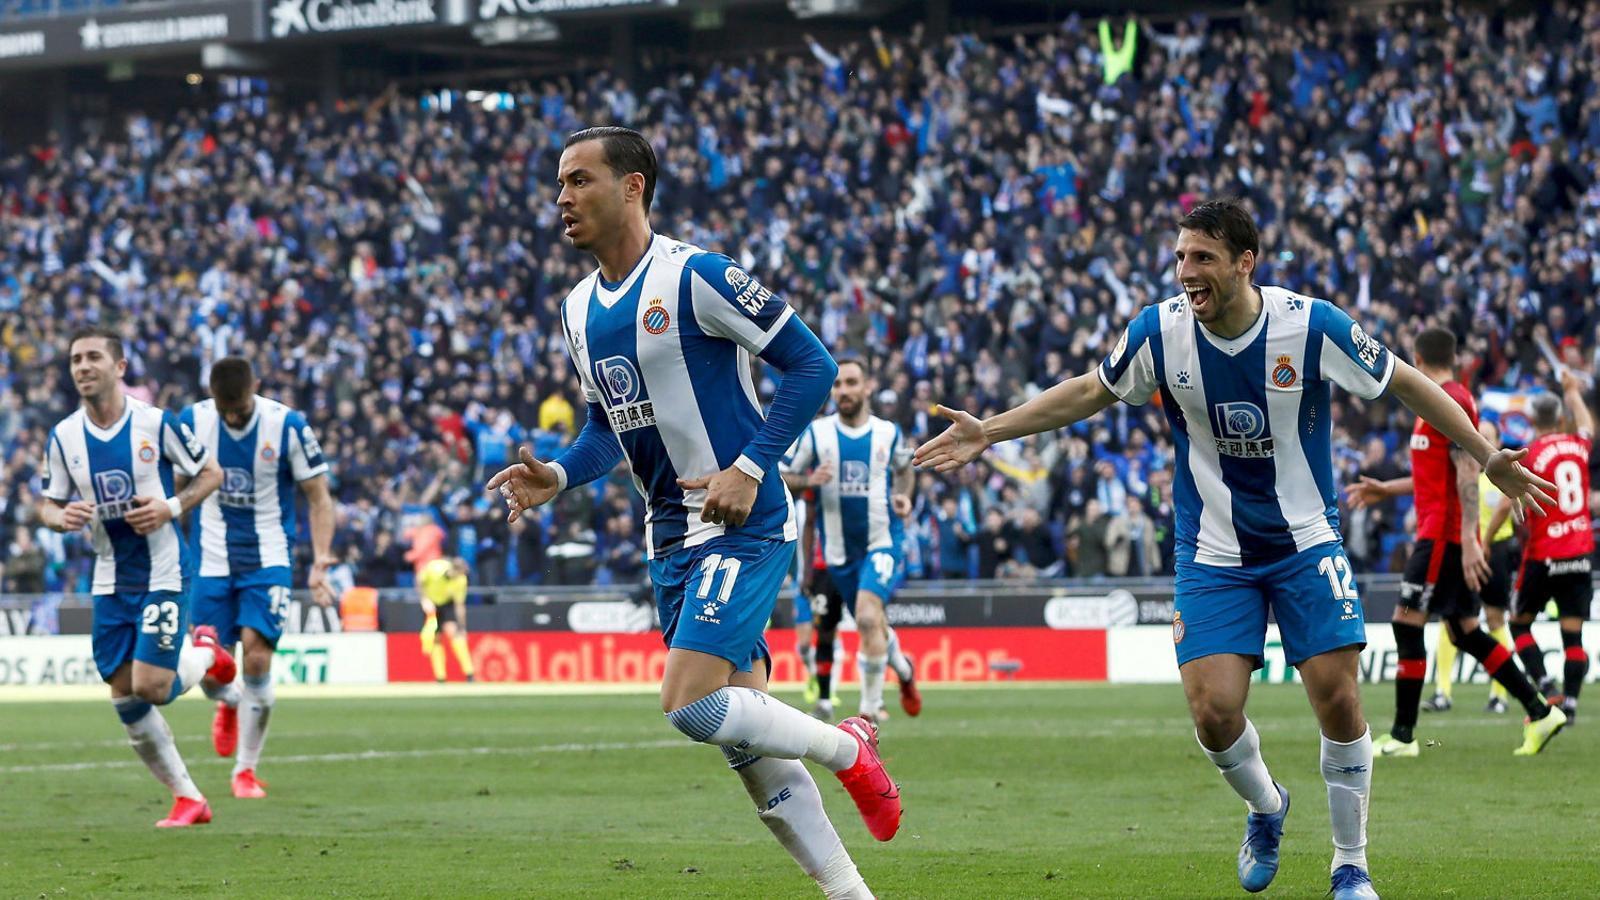 Raúl de Tomás celebrant el gol que va marcar contra el Mallorca. El davanter de l'Espanyol torna a la convocatòria després de la lesió.